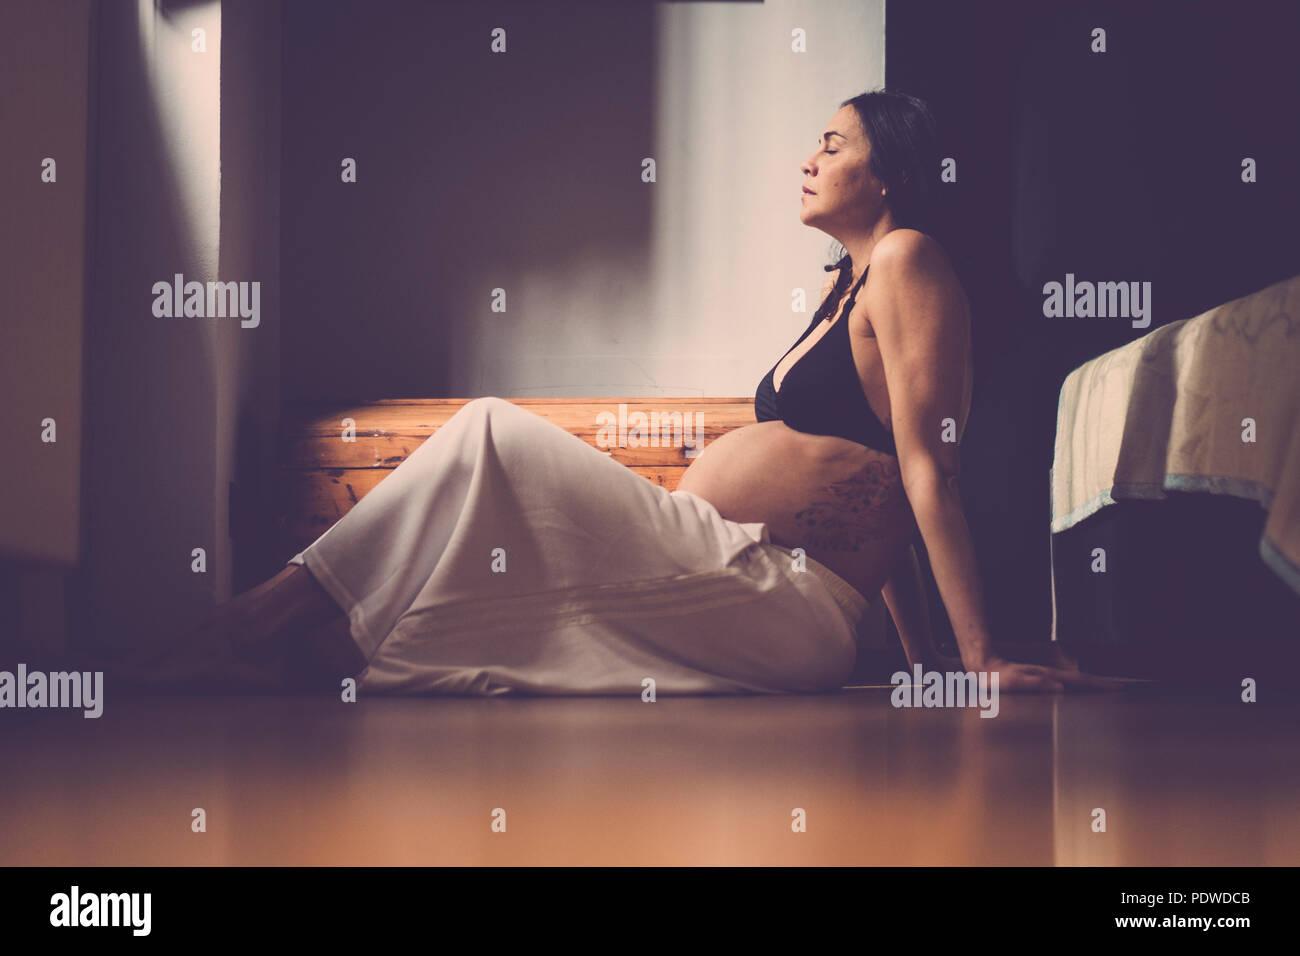 Embarazada hermosa mujer caucásica sentados en el suelo y respirar para relajarse. El nuevo concepto de la vida en el hogar Imagen De Stock